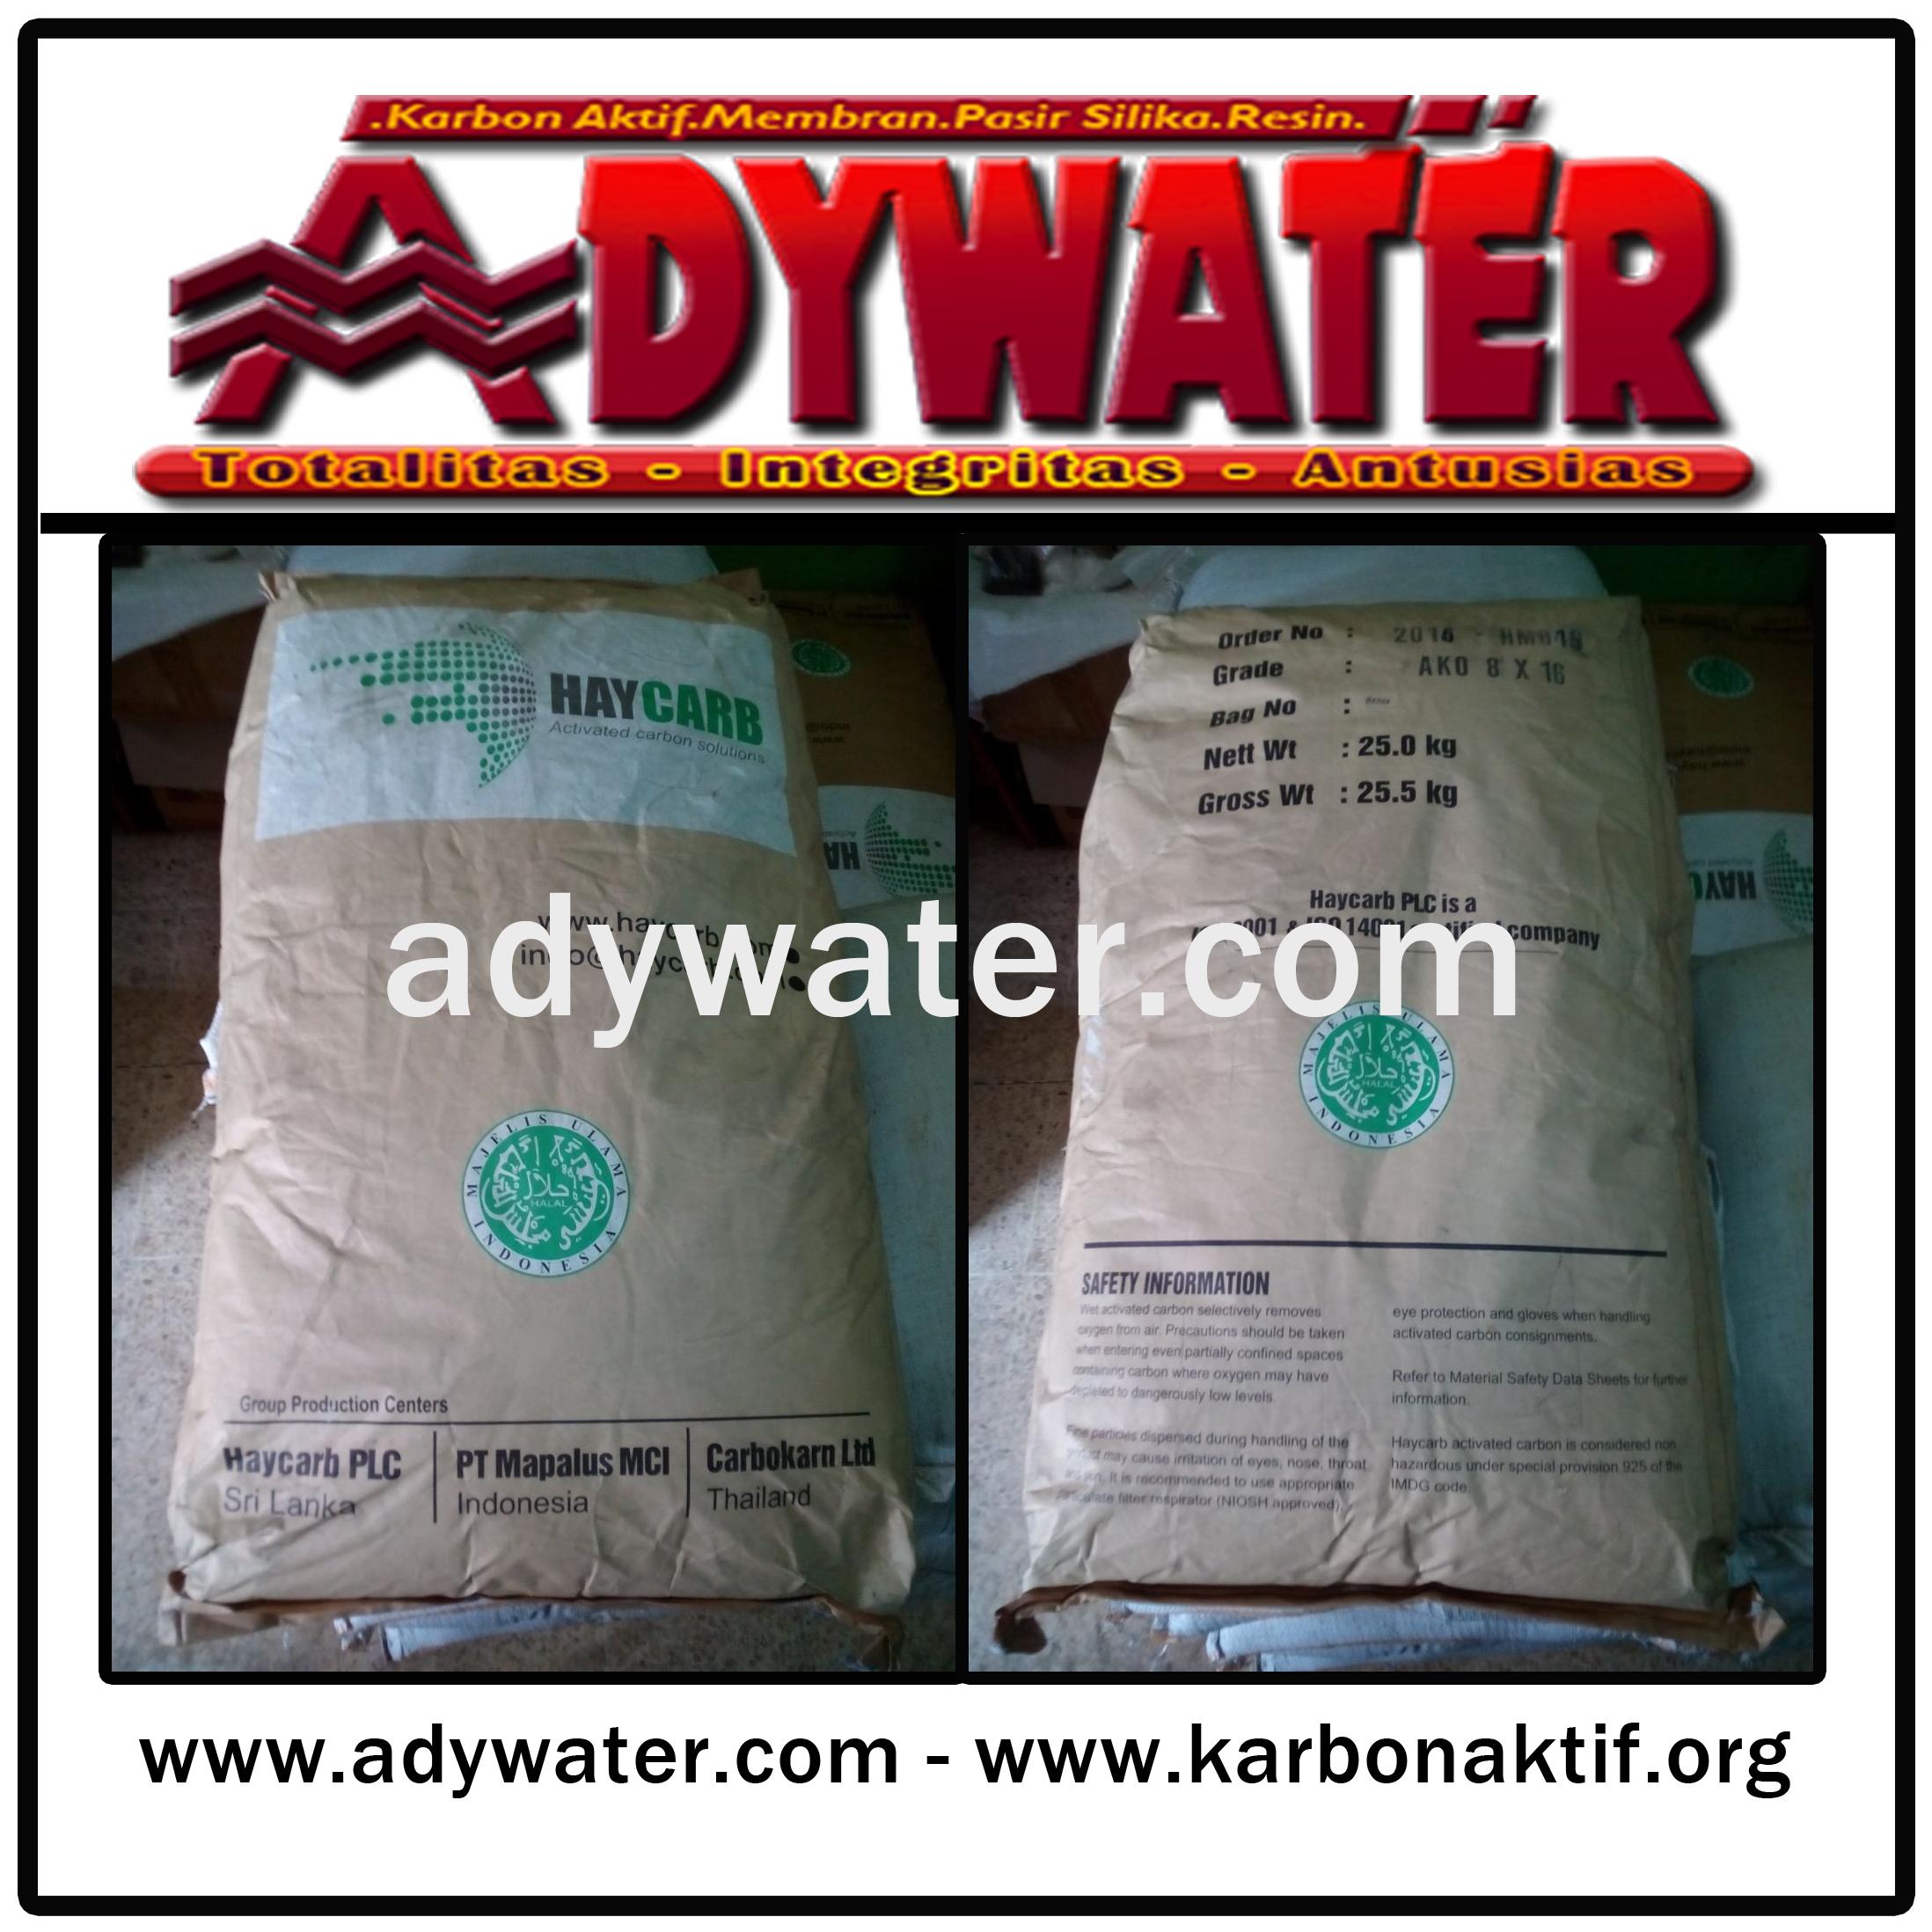 KARBON AKTIF JAKARTA | 0821 2742 4060 | 0812 2015 1631 | SUPLIER KARBON AKTIF JAKARTA | ADY WATER